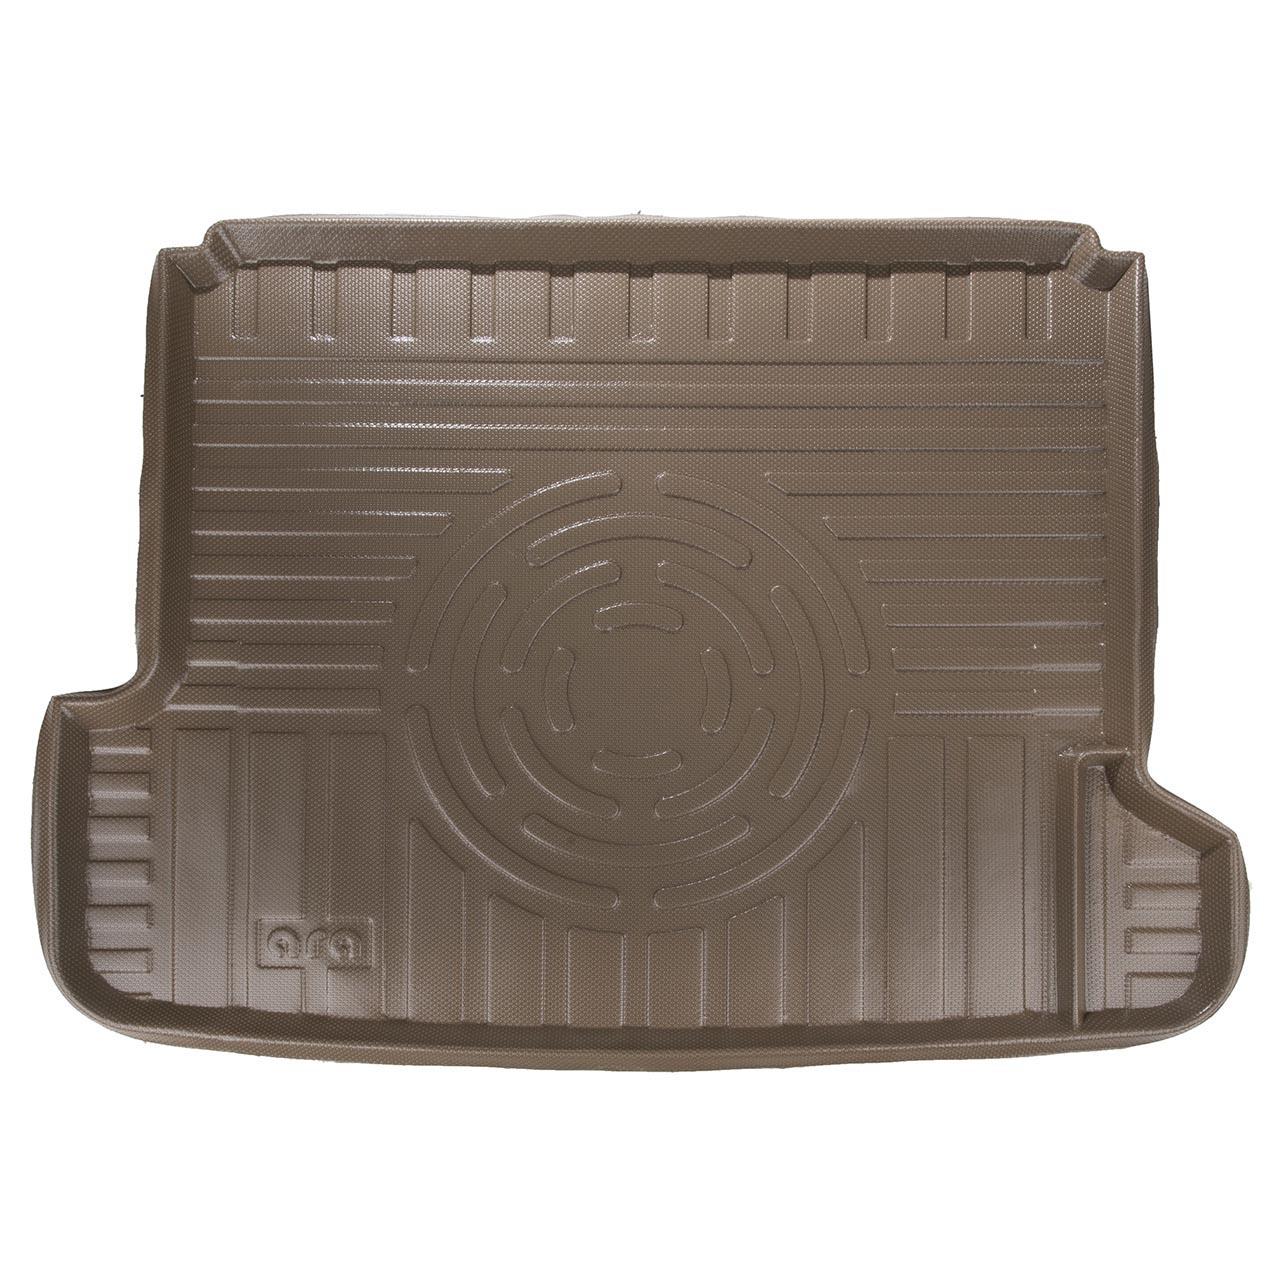 کفپوش سه بعدی صندوق خودرو آرا مدل اطلس مناسب برای پژو پارس (کرم)